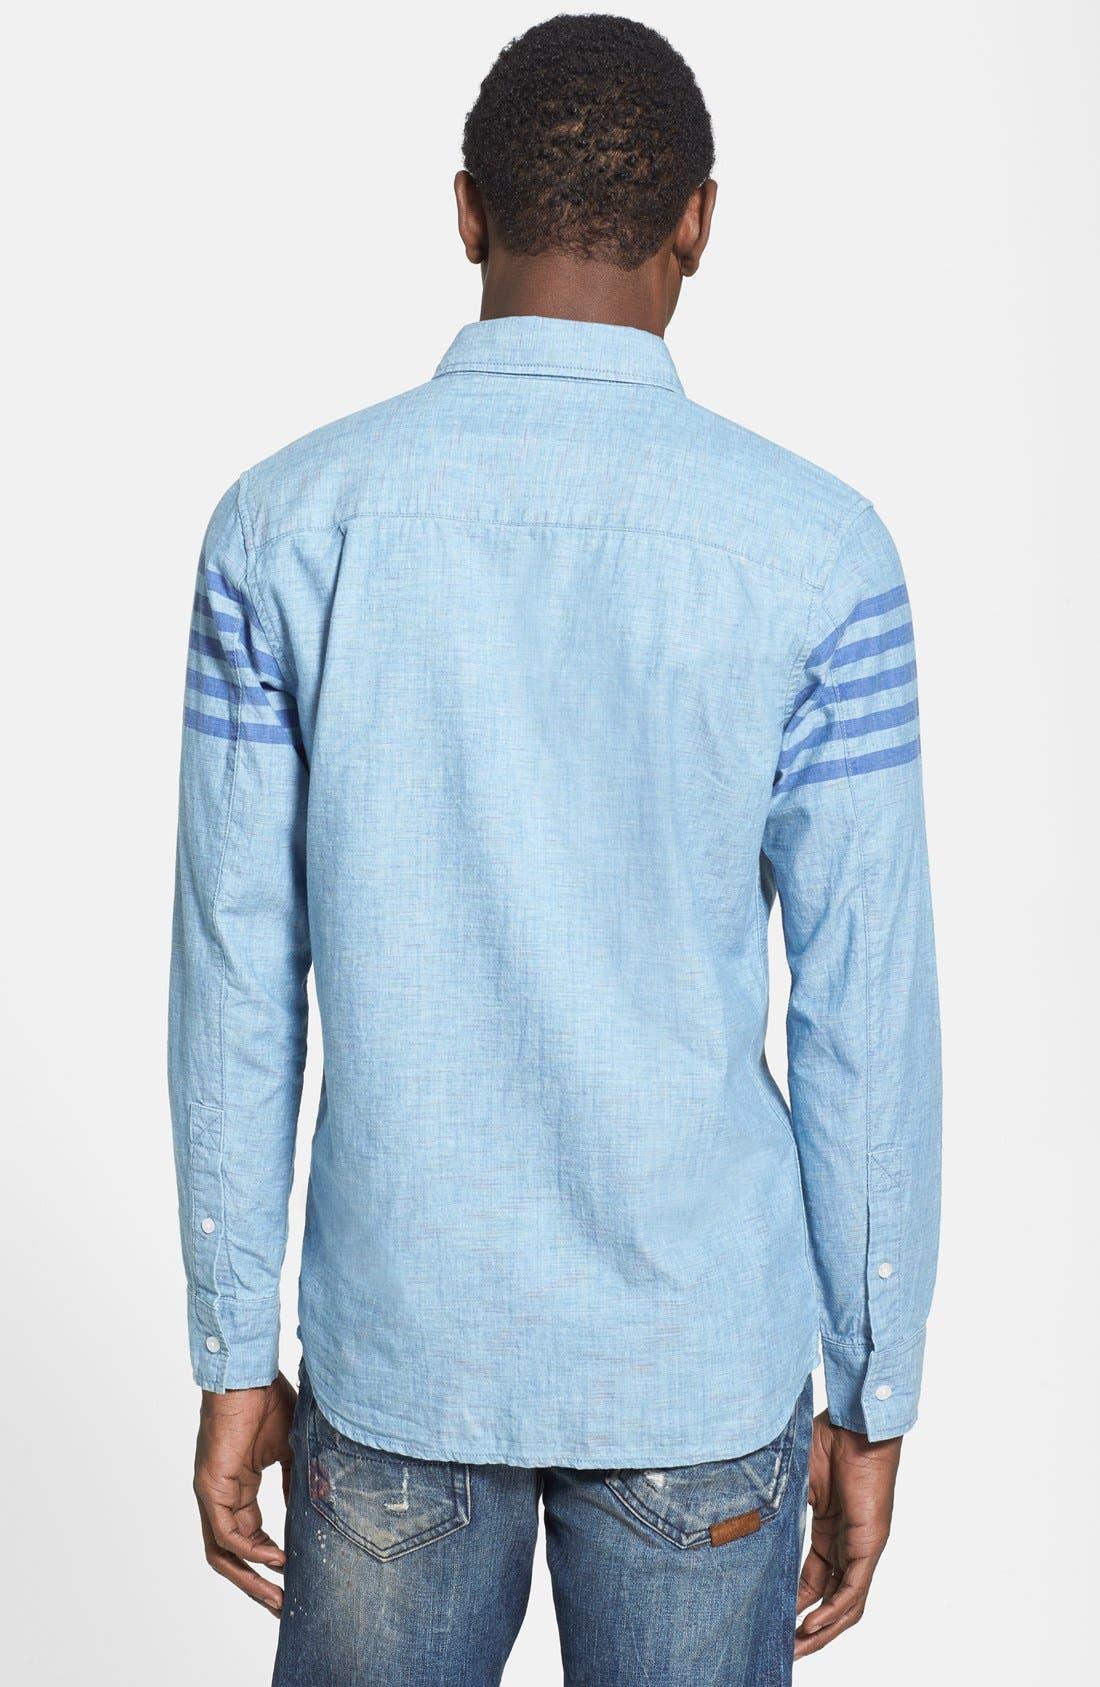 55DSL,                             'Stendard 55' Chest Stripe Print Woven Shirt,                             Alternate thumbnail 4, color,                             400